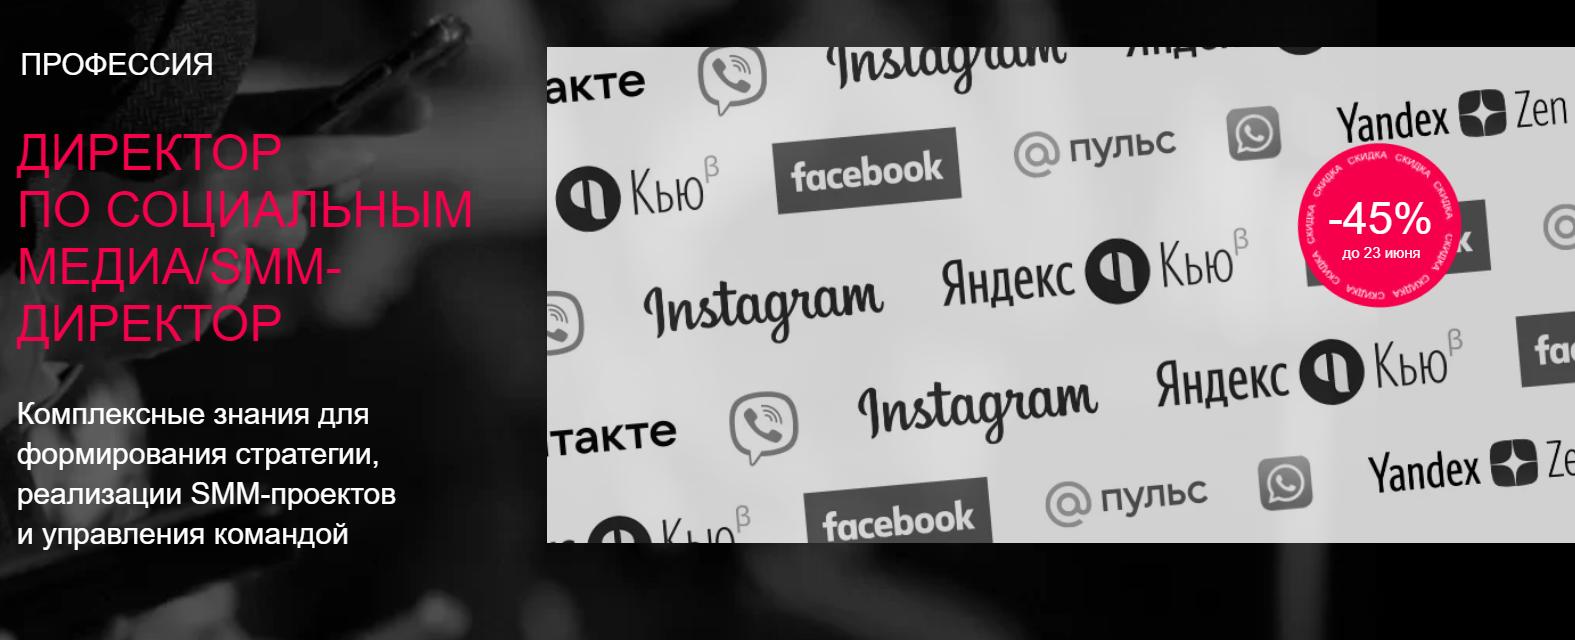 Отзывы о курсе - Директор по социальным медиа/SMM директор от Marketing Education - авторы: Дамир Халилов, Андрей Гавриков, Сергей Федюнин, Владимир Коноплёв